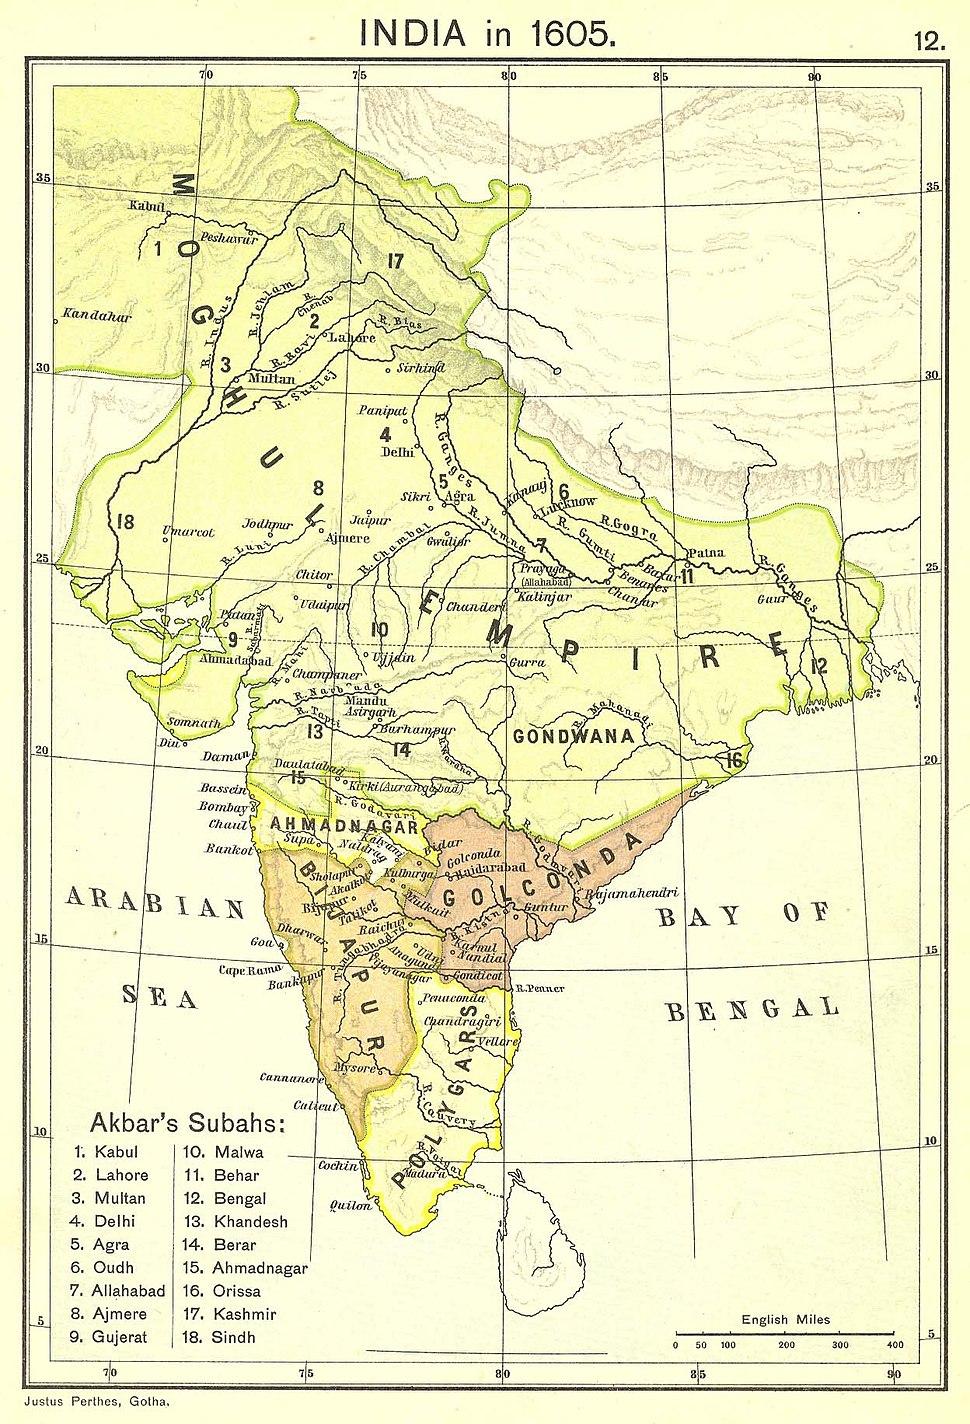 India in 1605